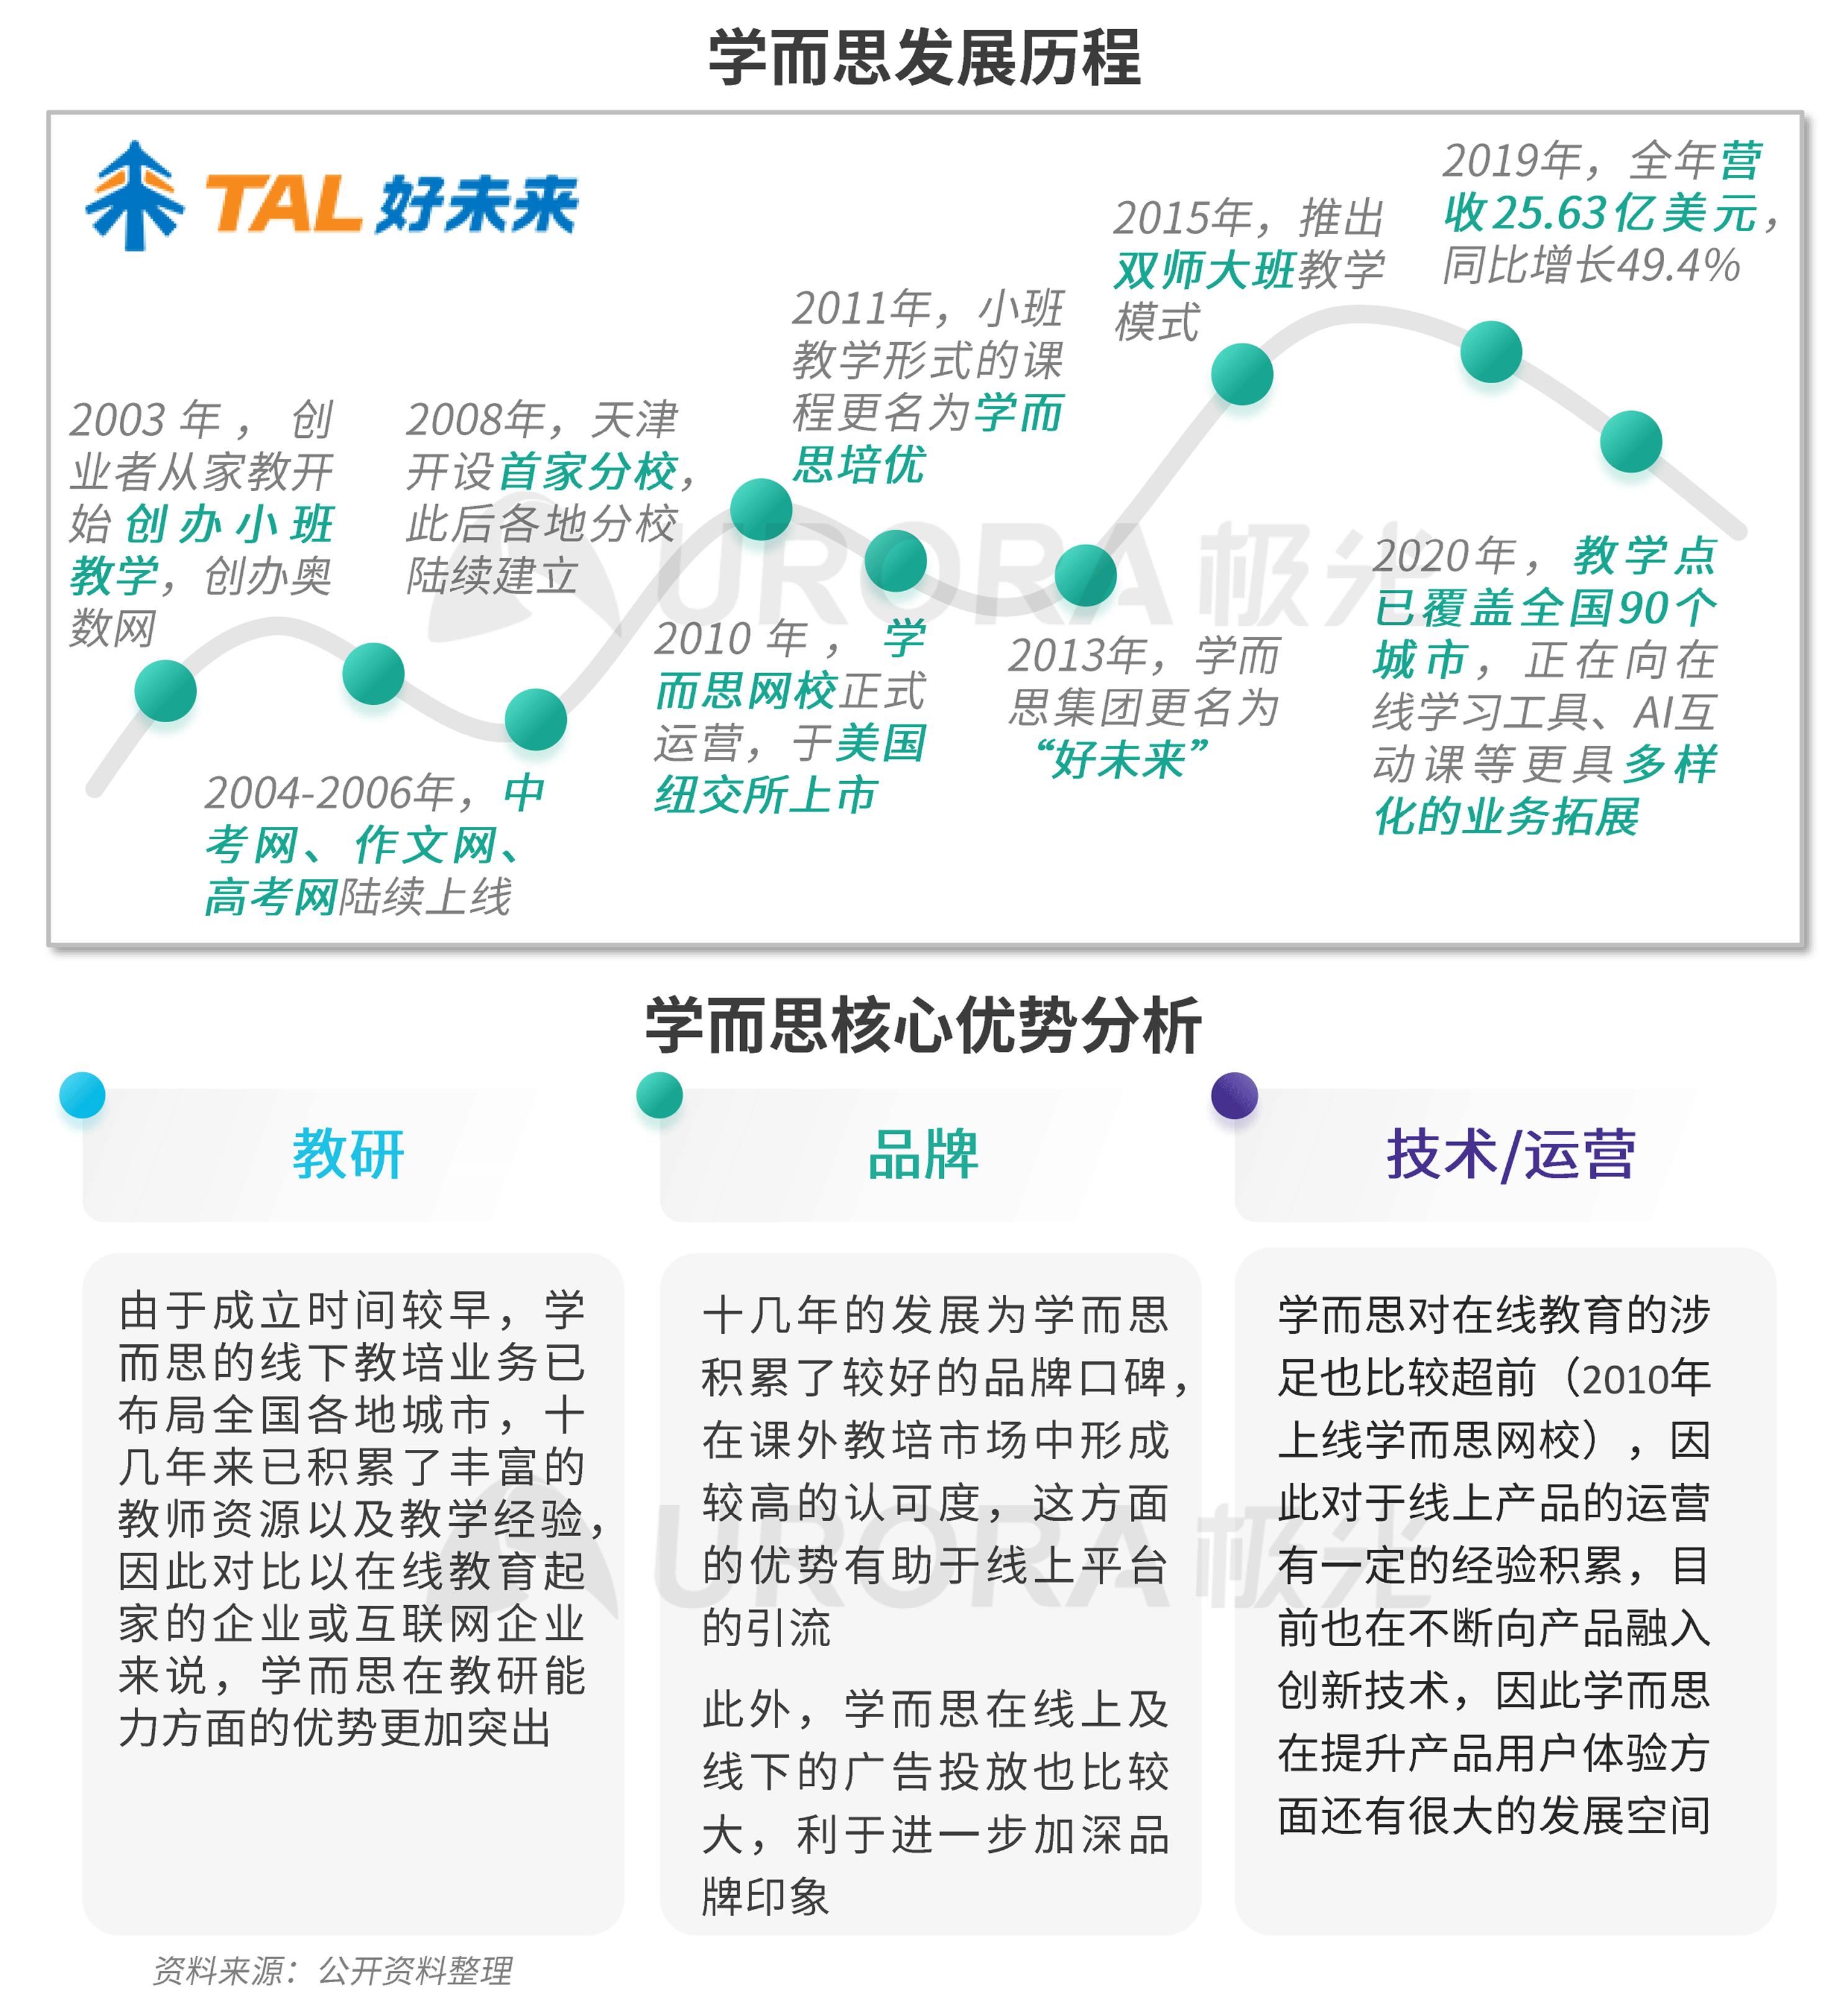 极光:K12教育报告 (19).png